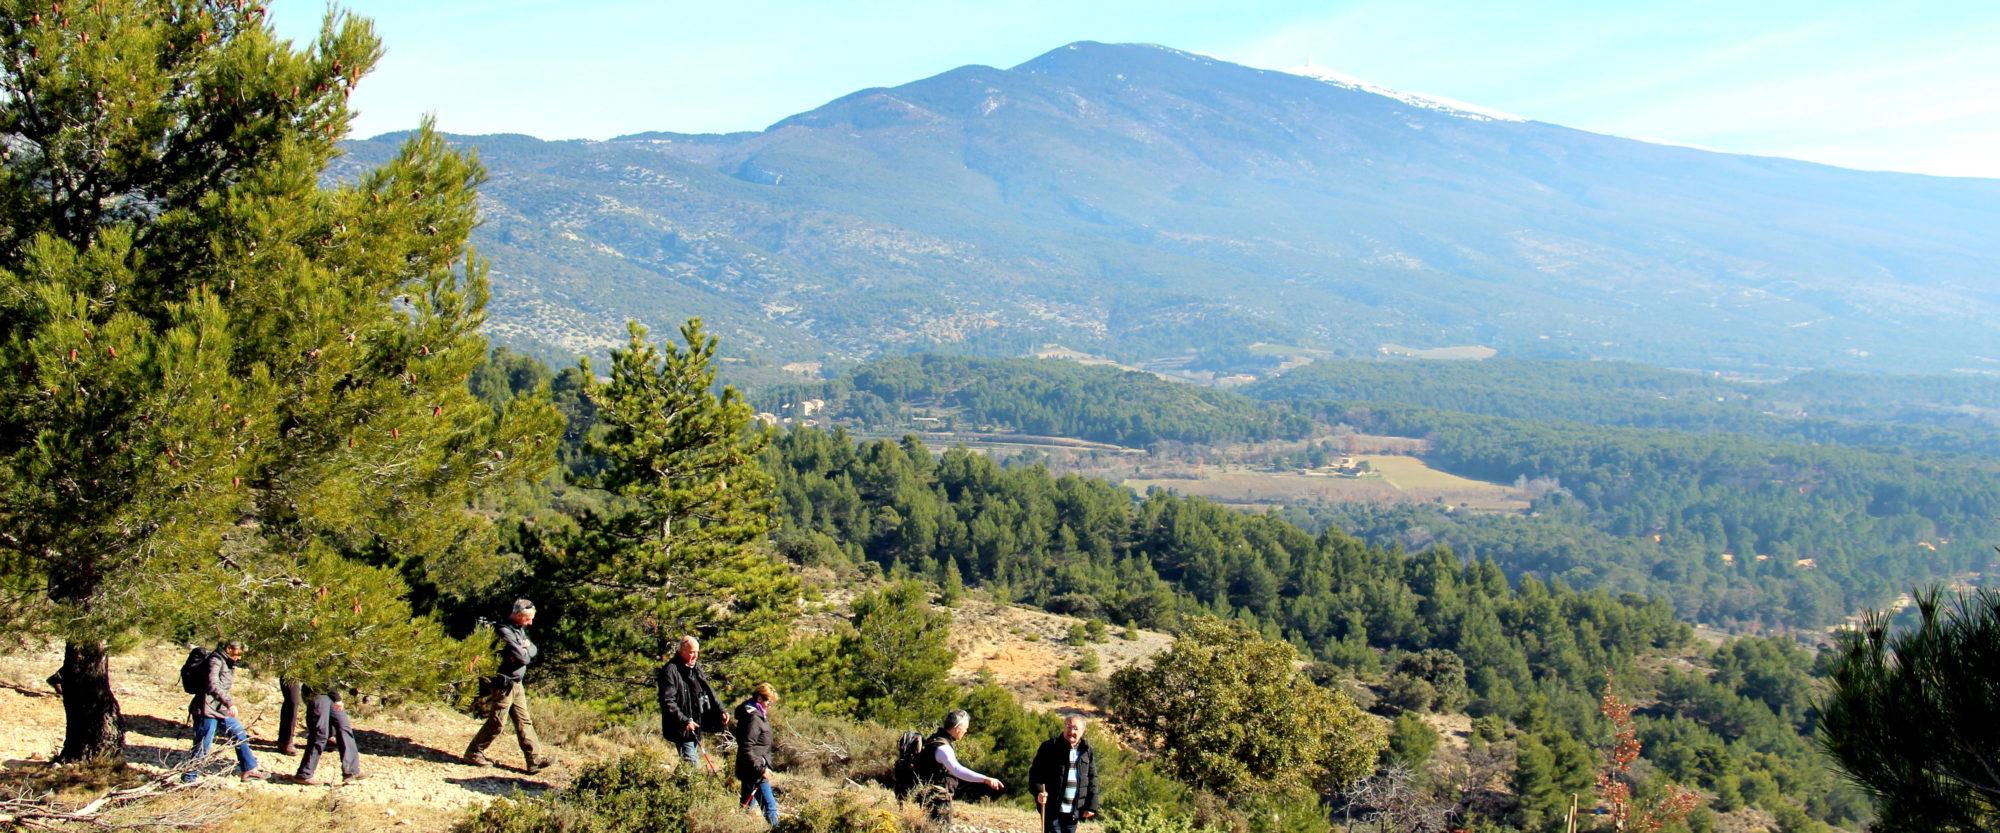 Randonner au pied du Mont Ventoux en provence